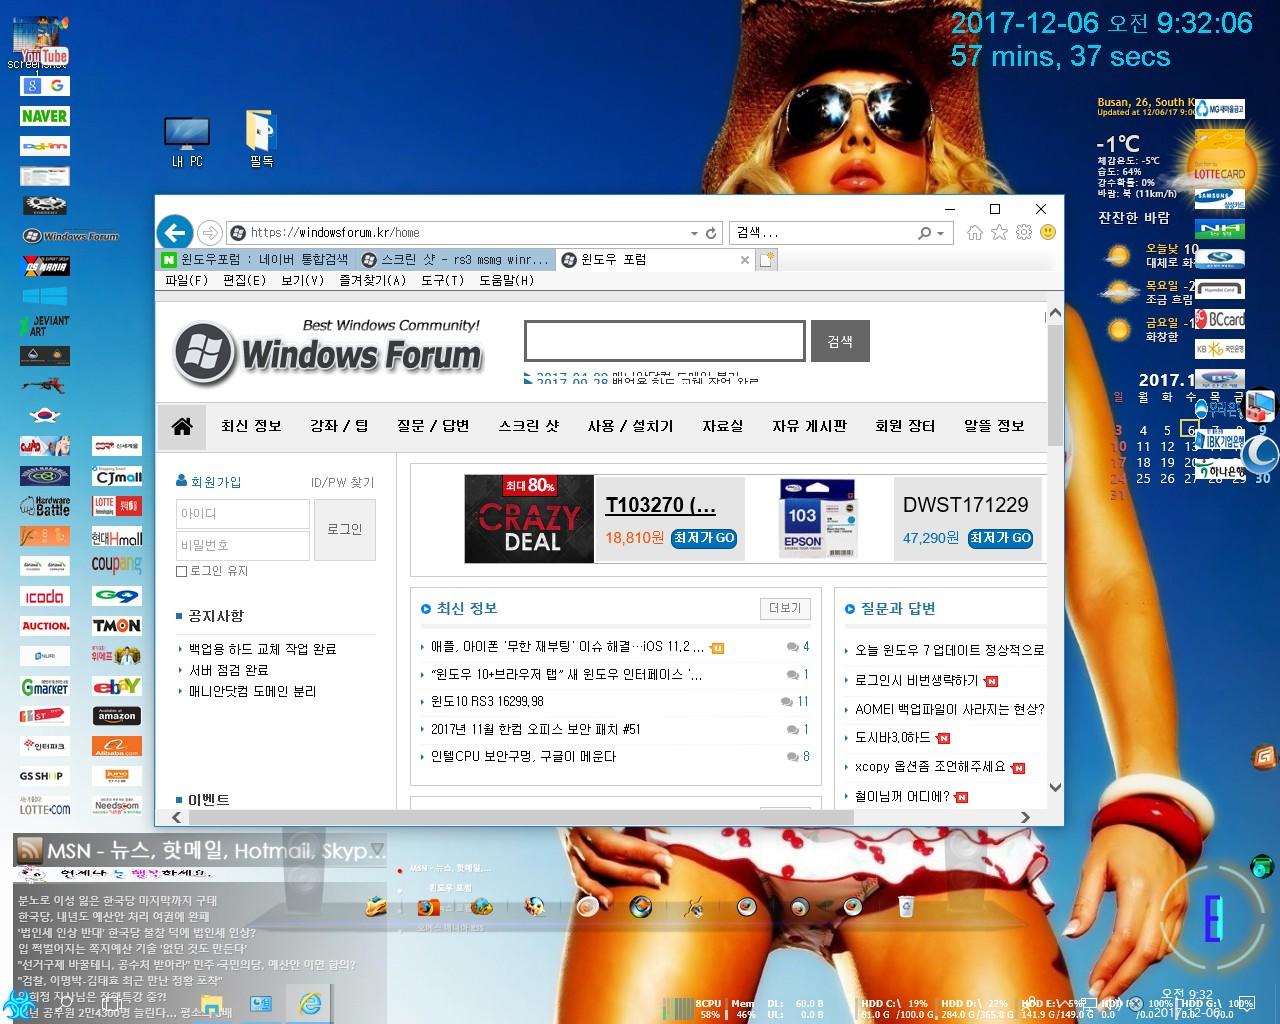 screenshot 2.jpg